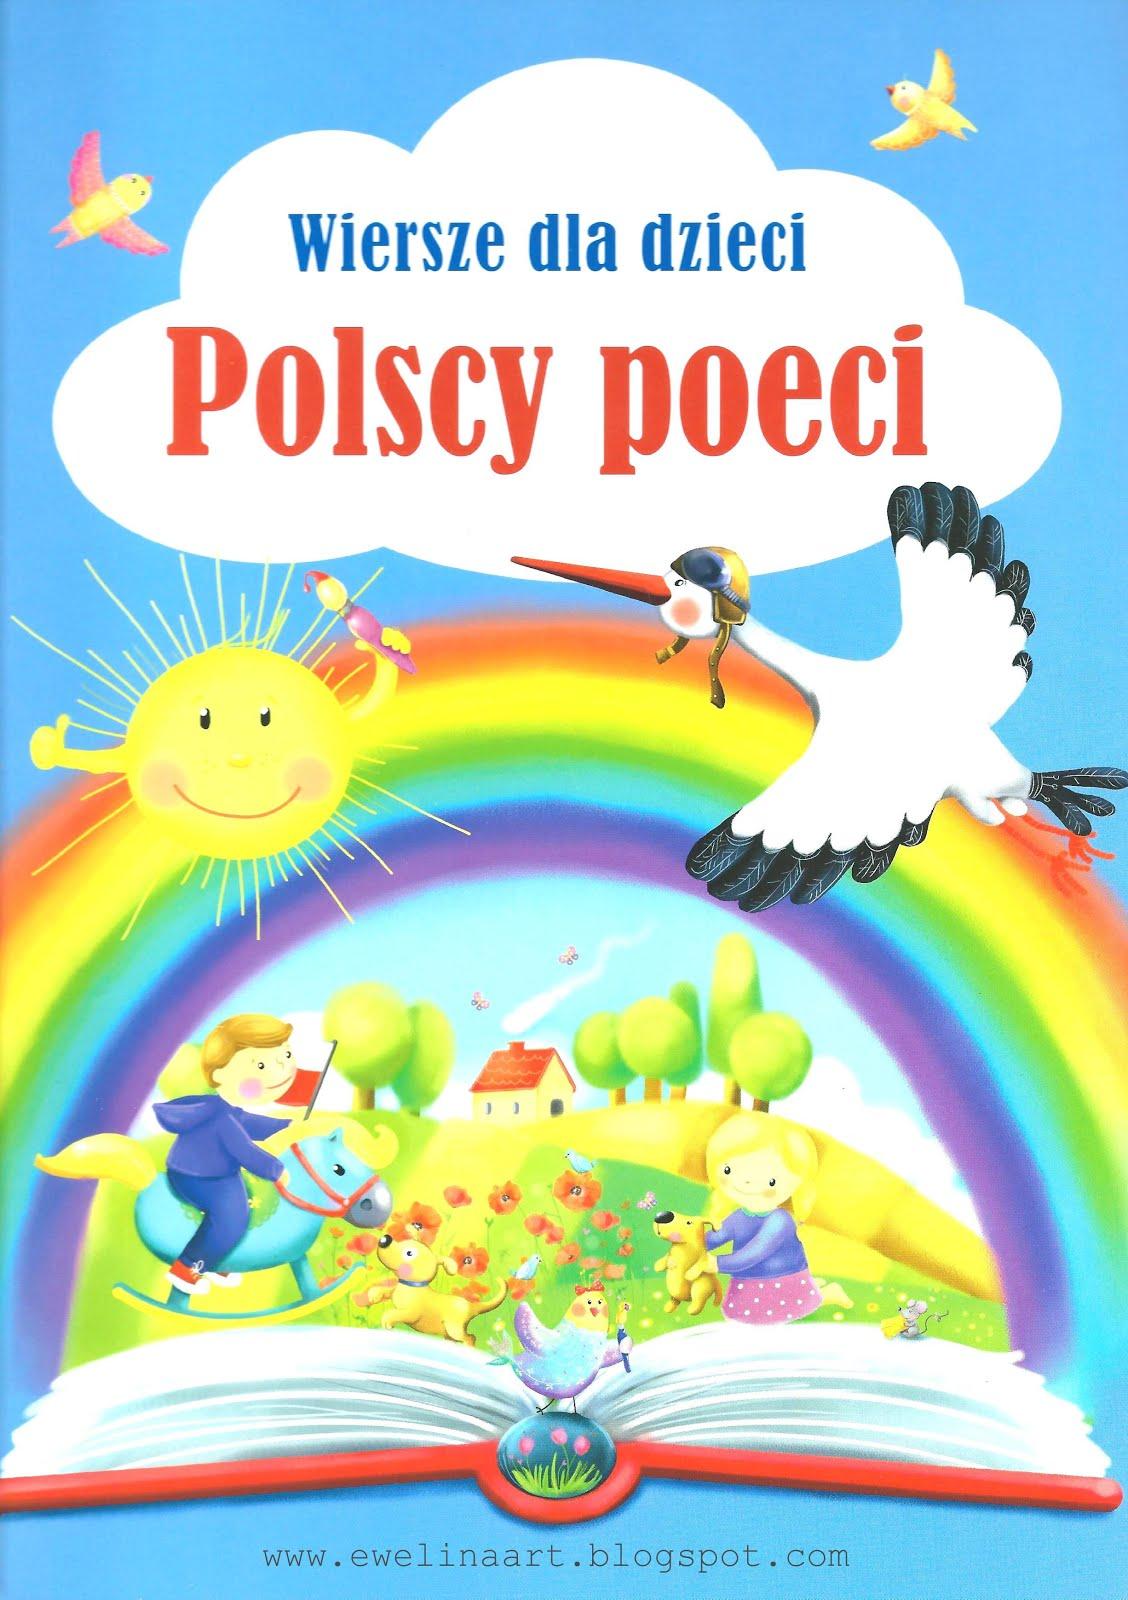 Polscy poeci. Wiersze dla dzieci.